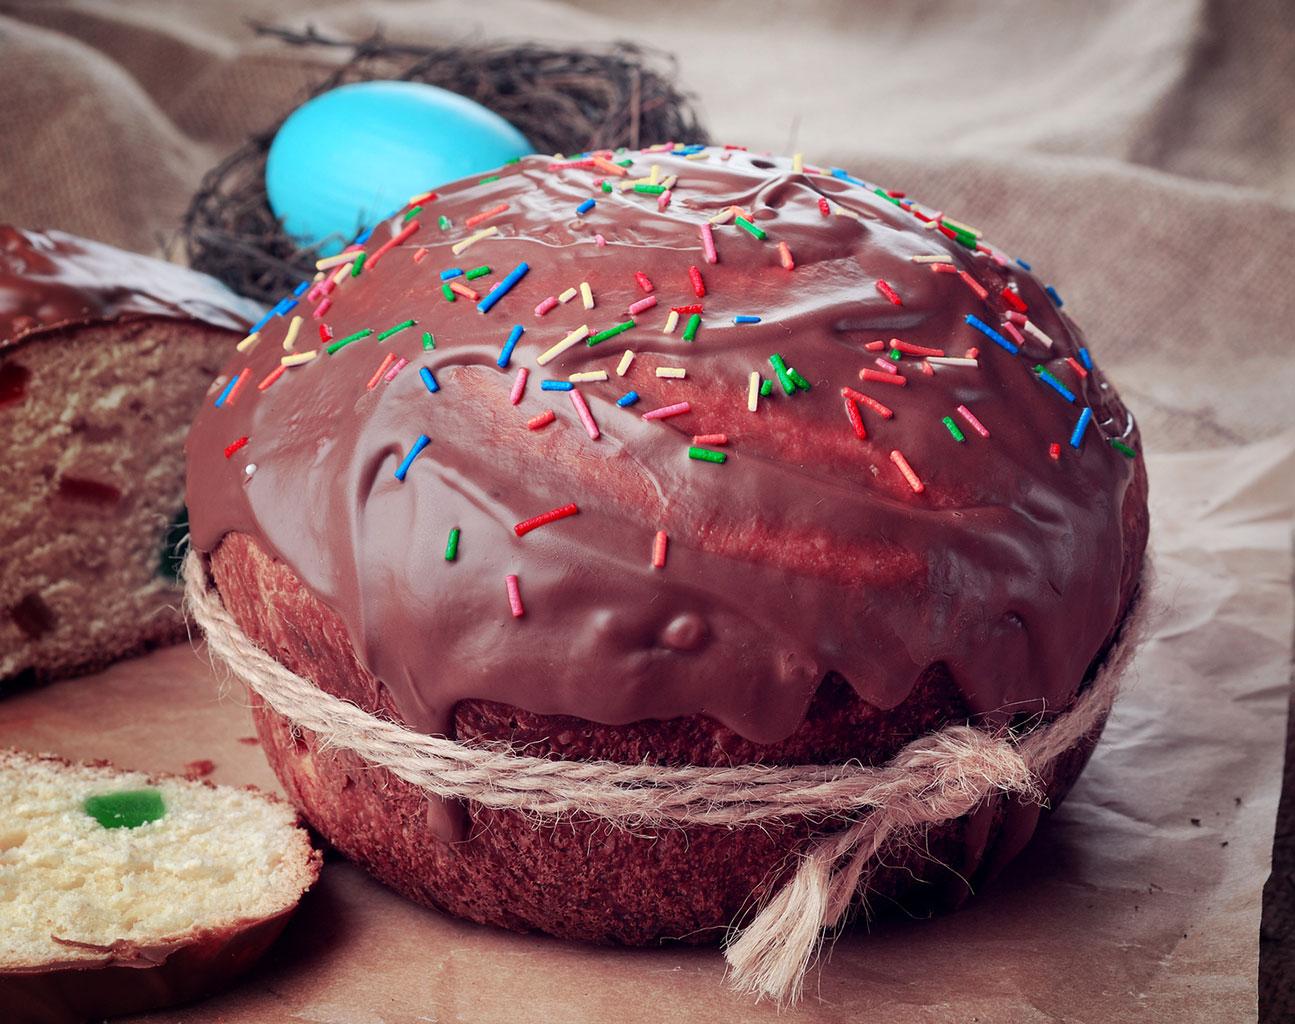 сорт оформление пасхальных куличей фото глазурь рецепт красногорске